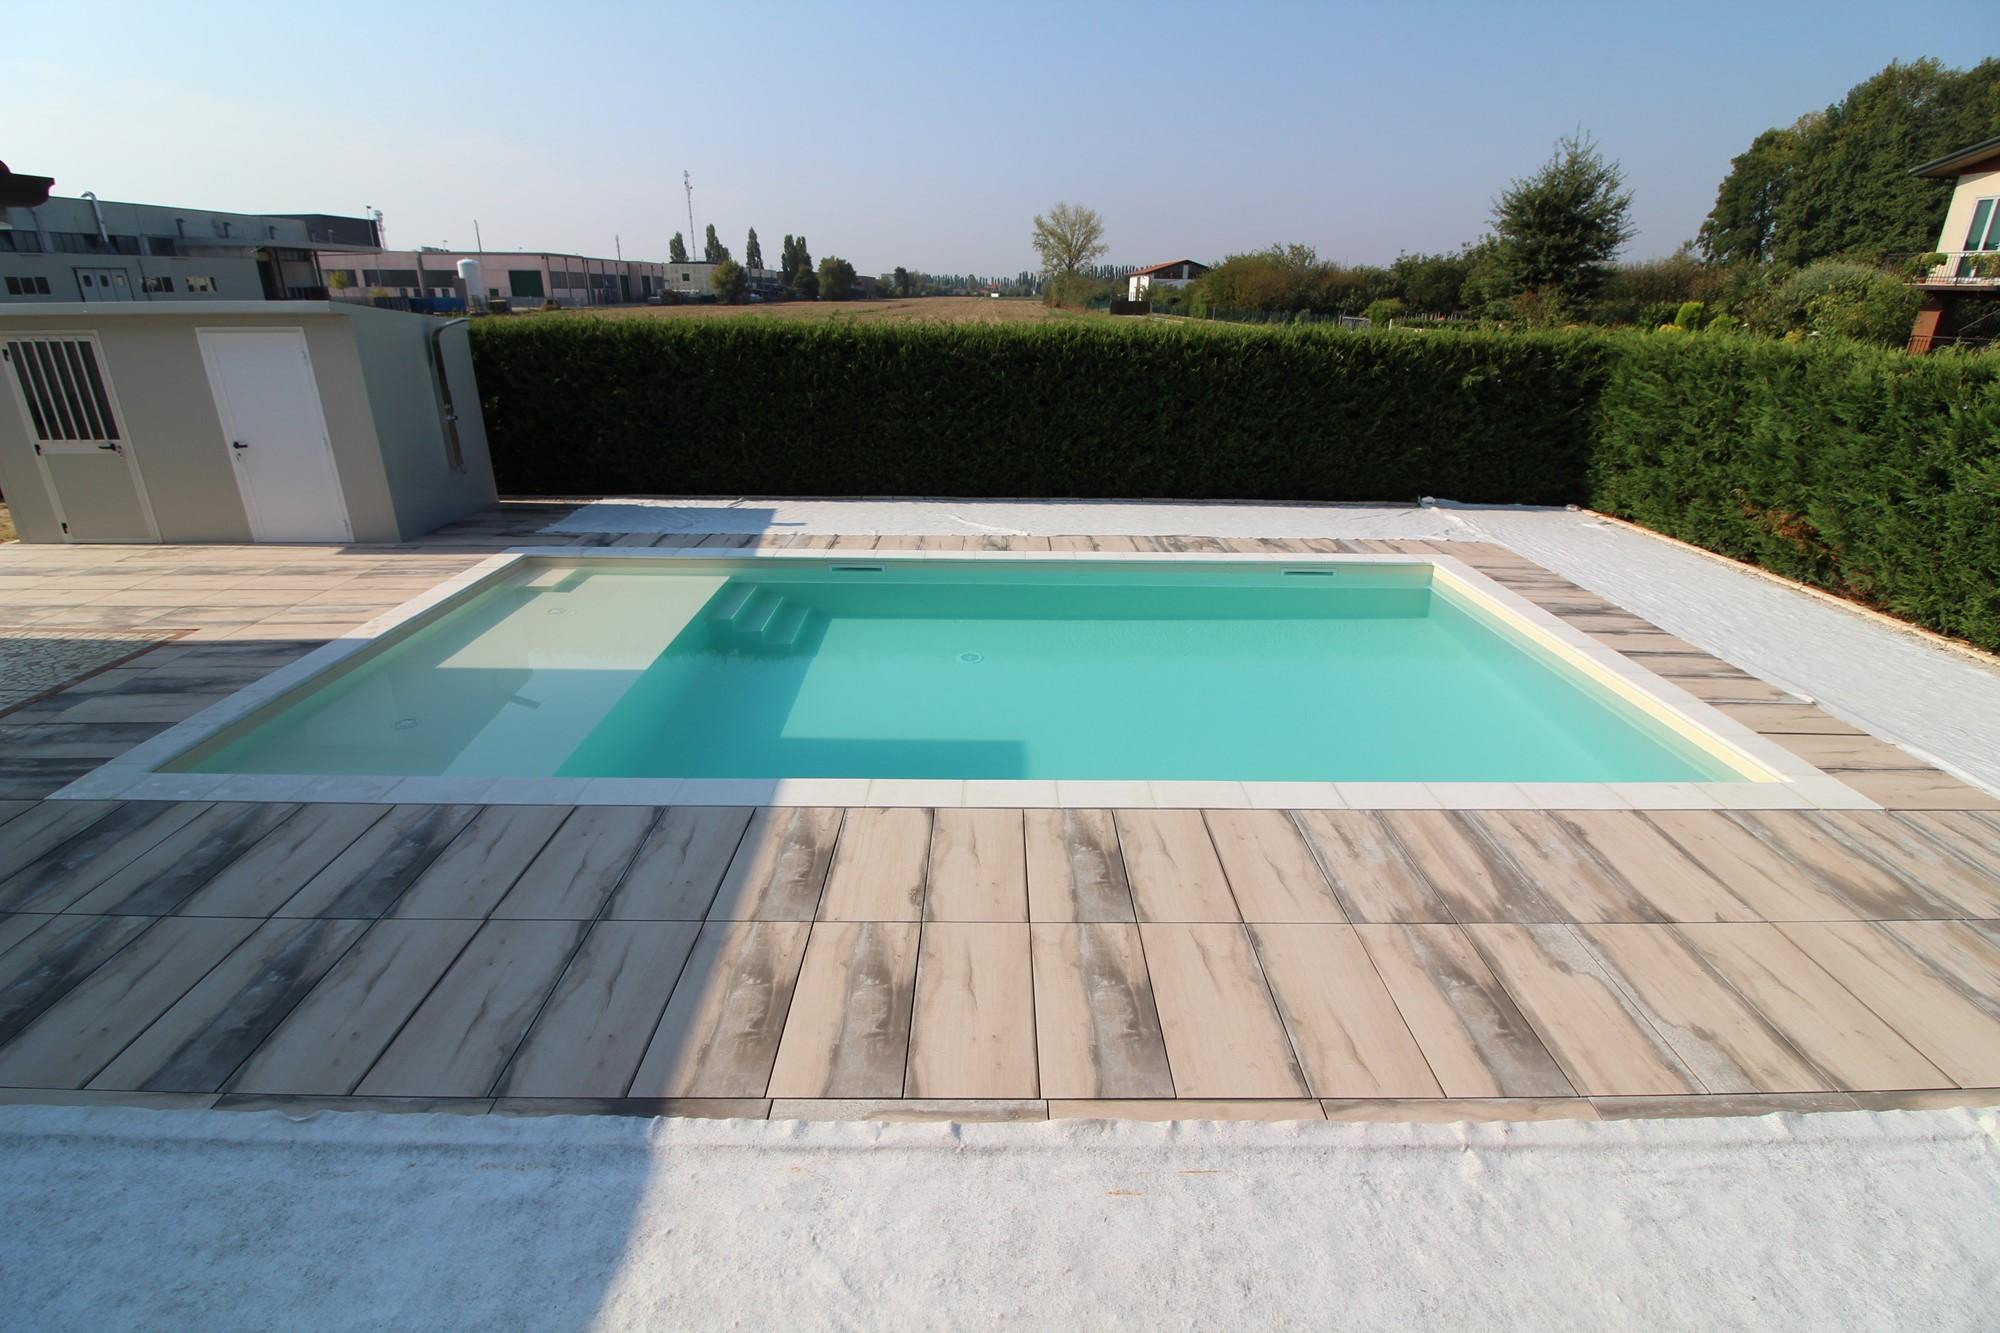 Ecco qualche idea per la tua futura piscina piscine for Casseri in polistirolo per piscine